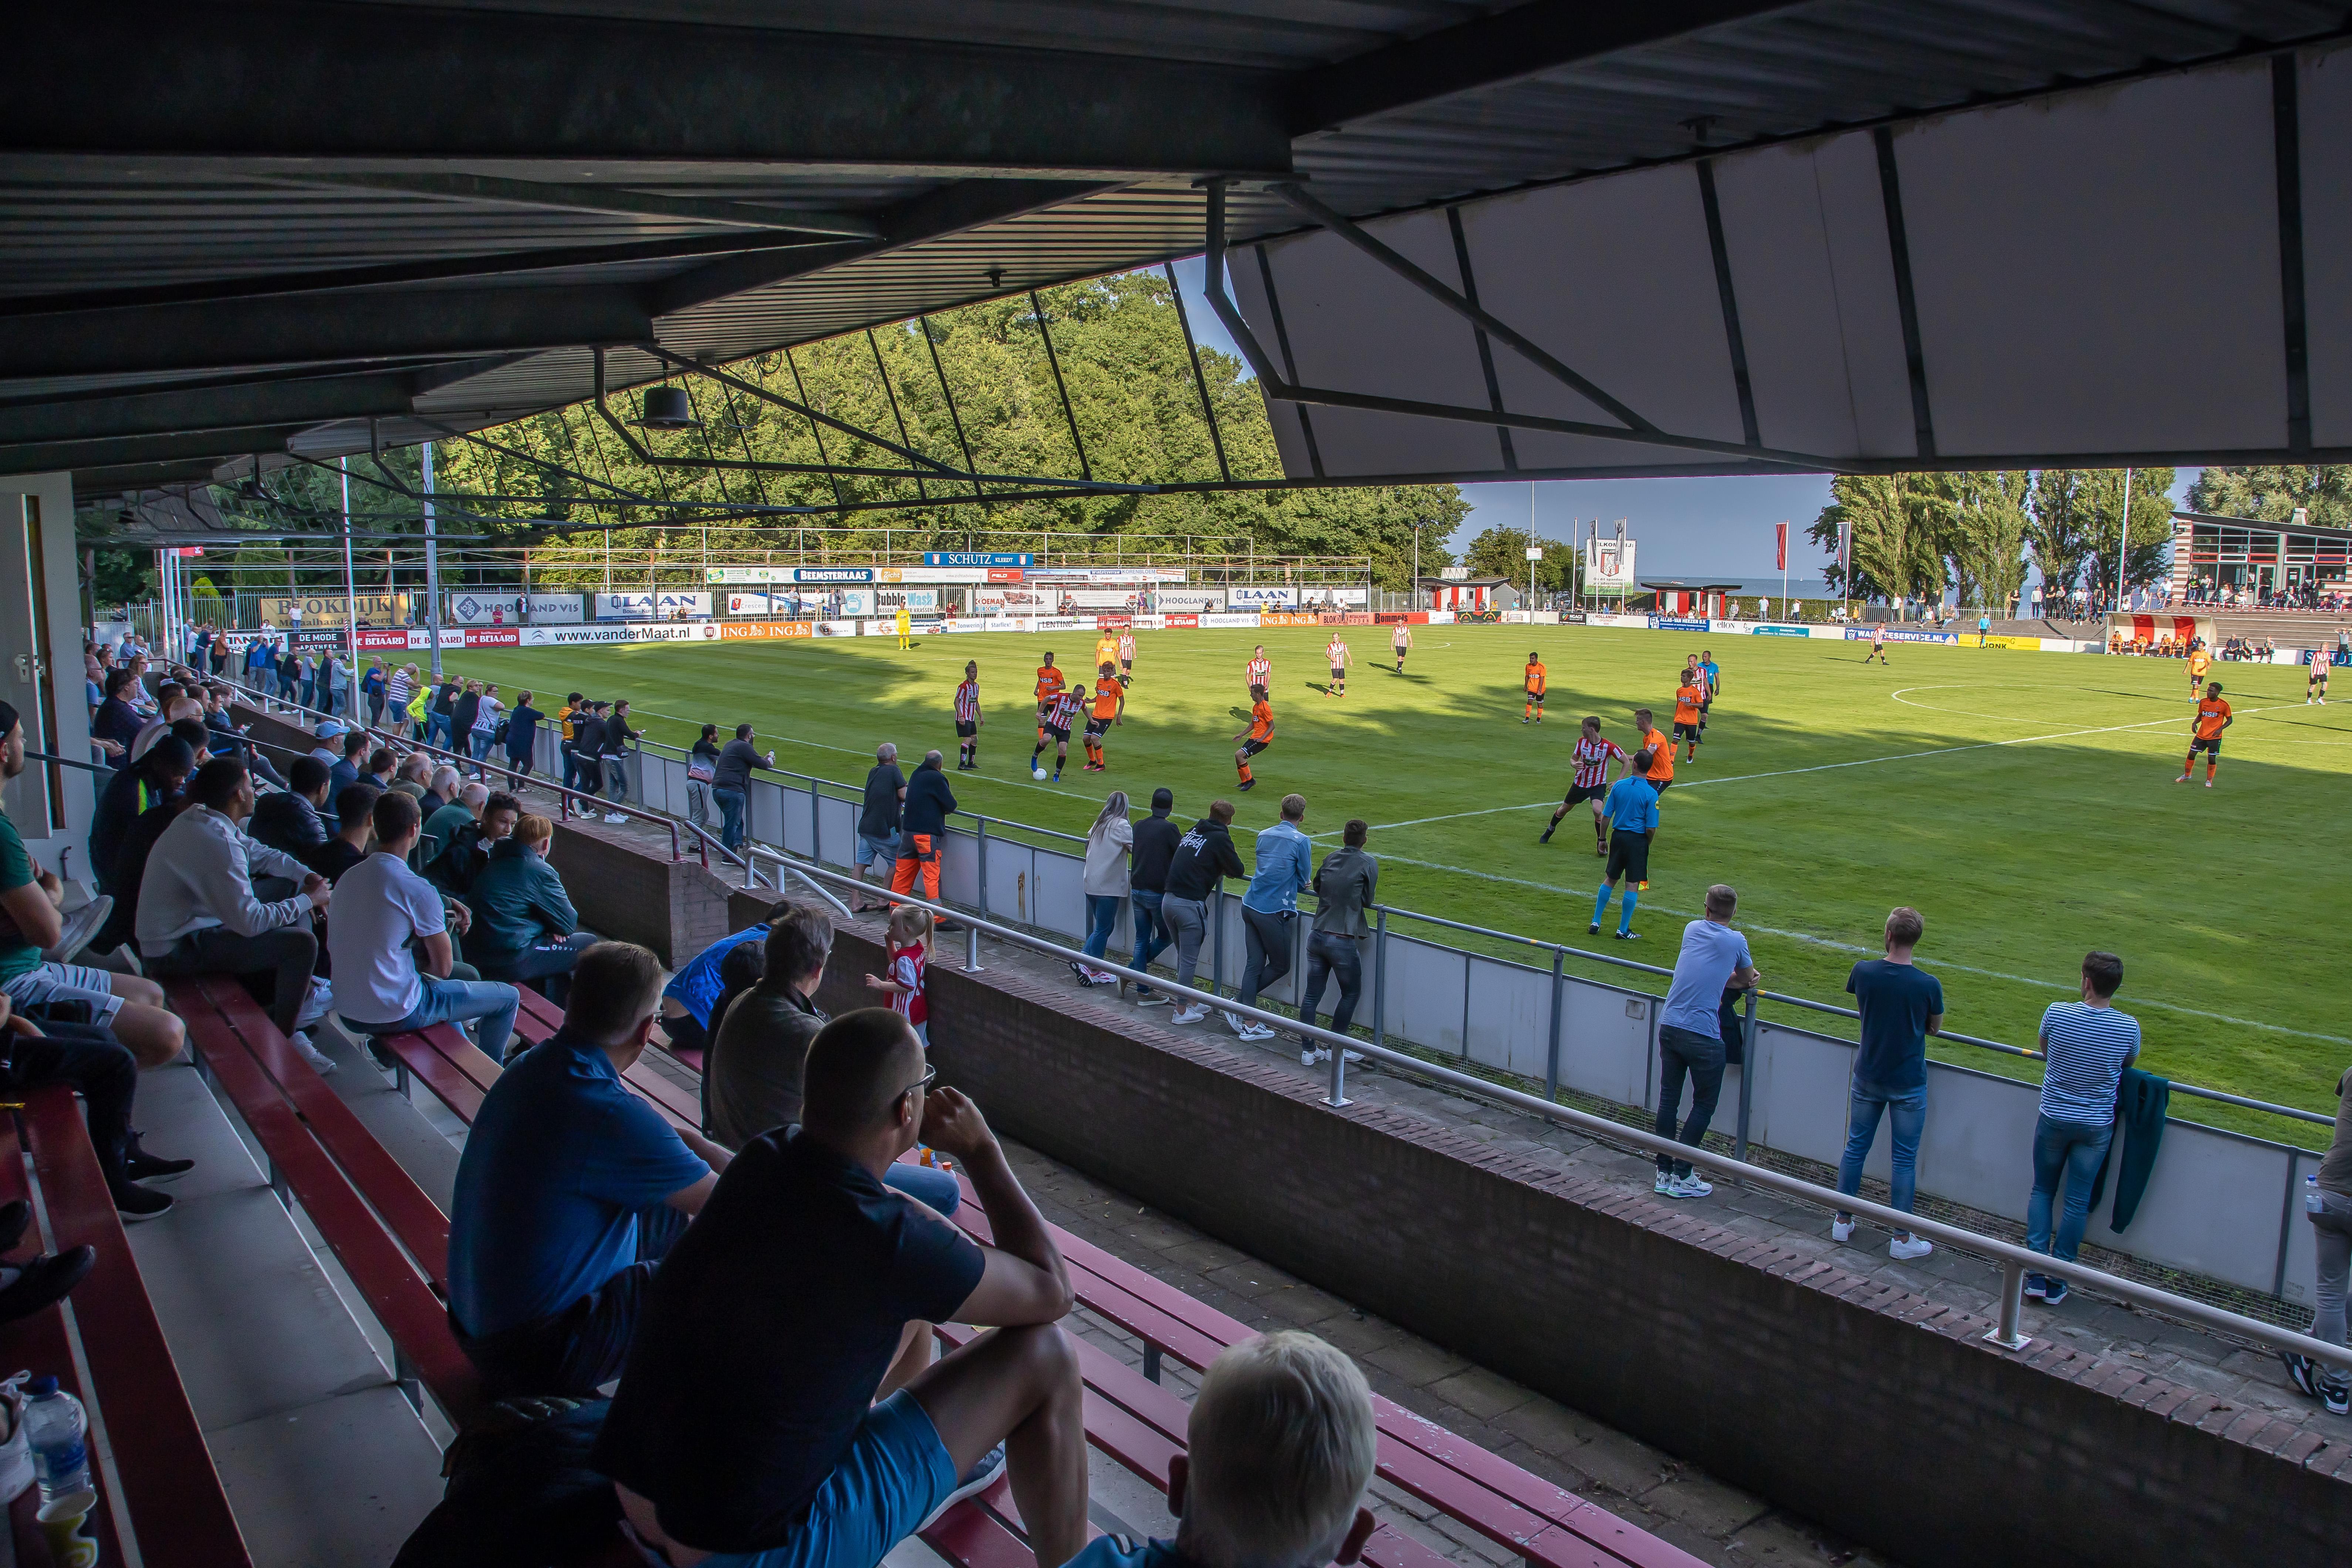 Nog niet vlekkeloos langs de lijn bij eerste Noord-Hollands voetbalduel met publiek sinds coronacrisis